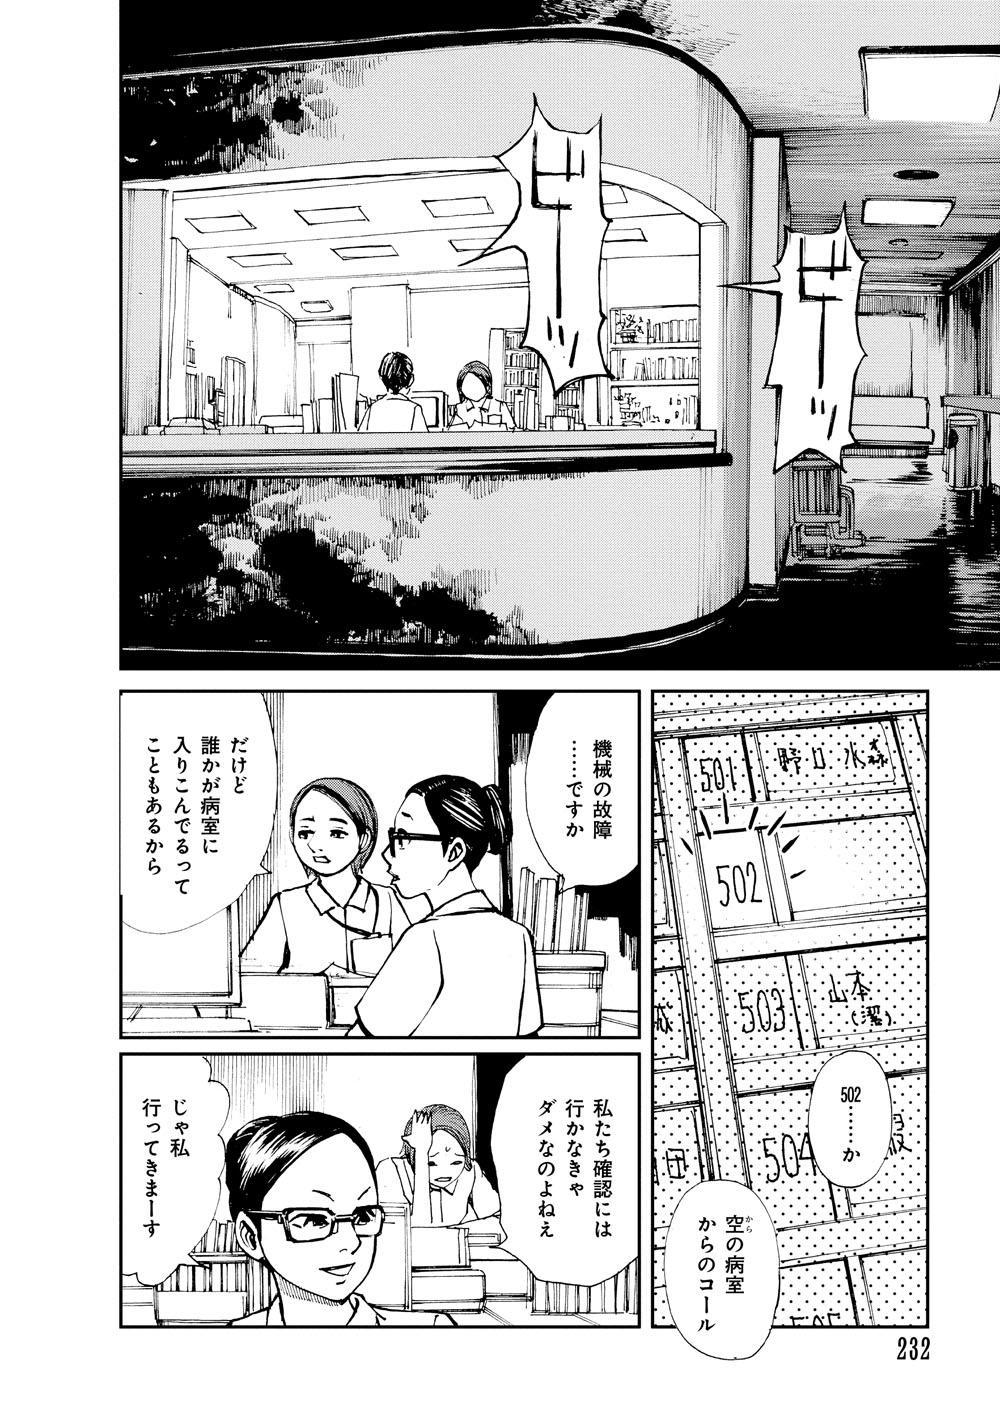 テレビ版_ほん怖_232.jpg